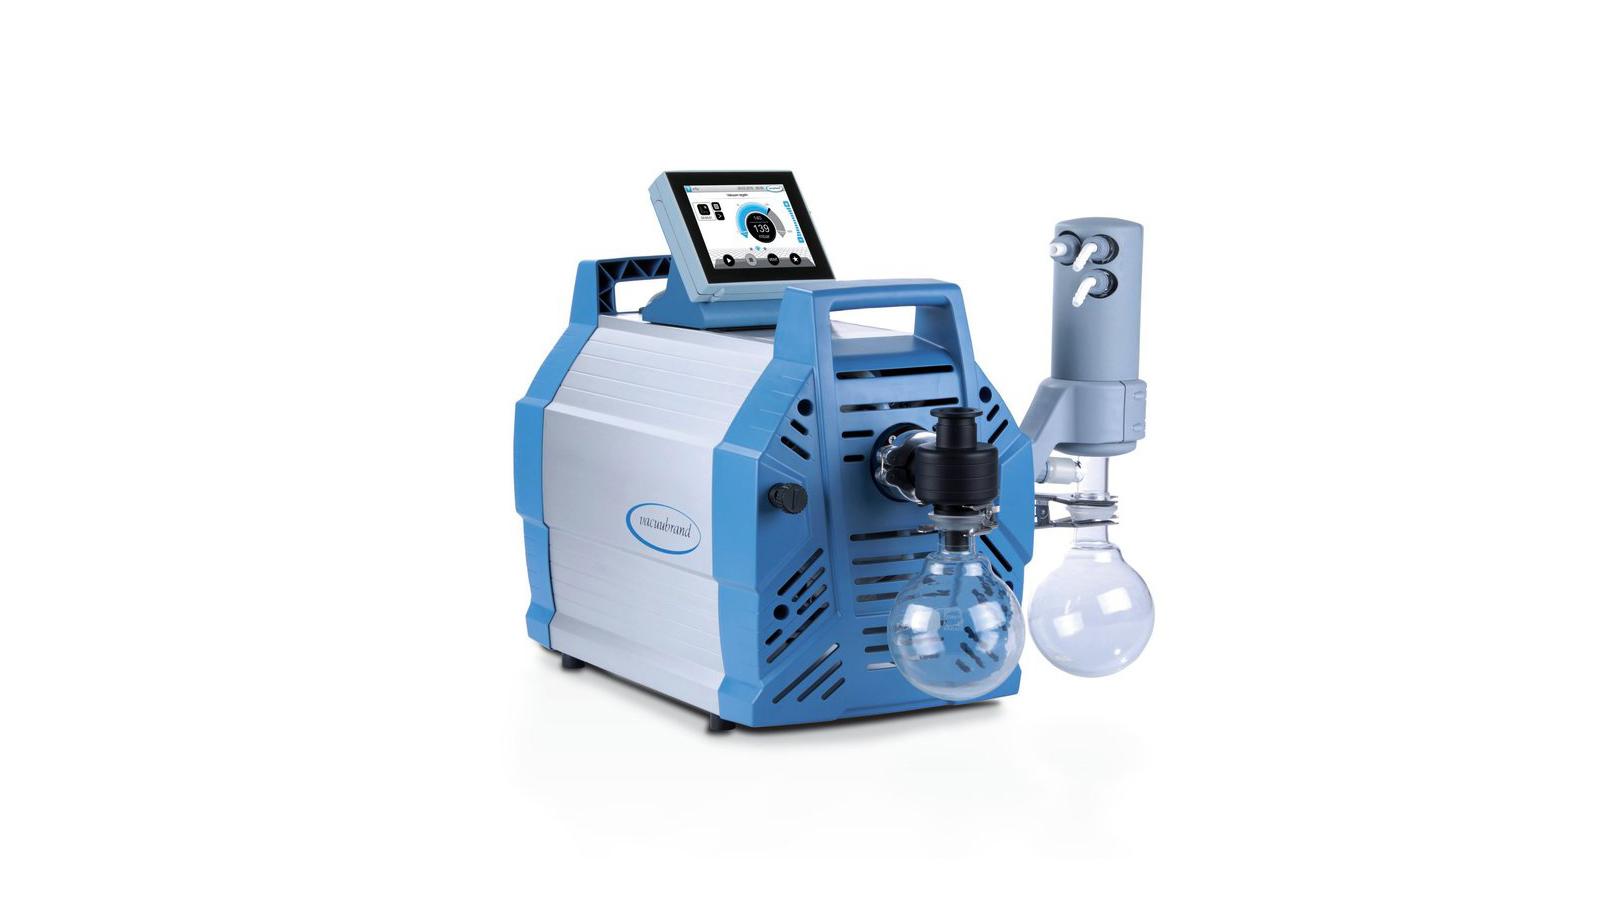 Vacuubrand PC 3016 Varıo Select Vakum Pompası || Merlab Laboratuvar Ekipmanları